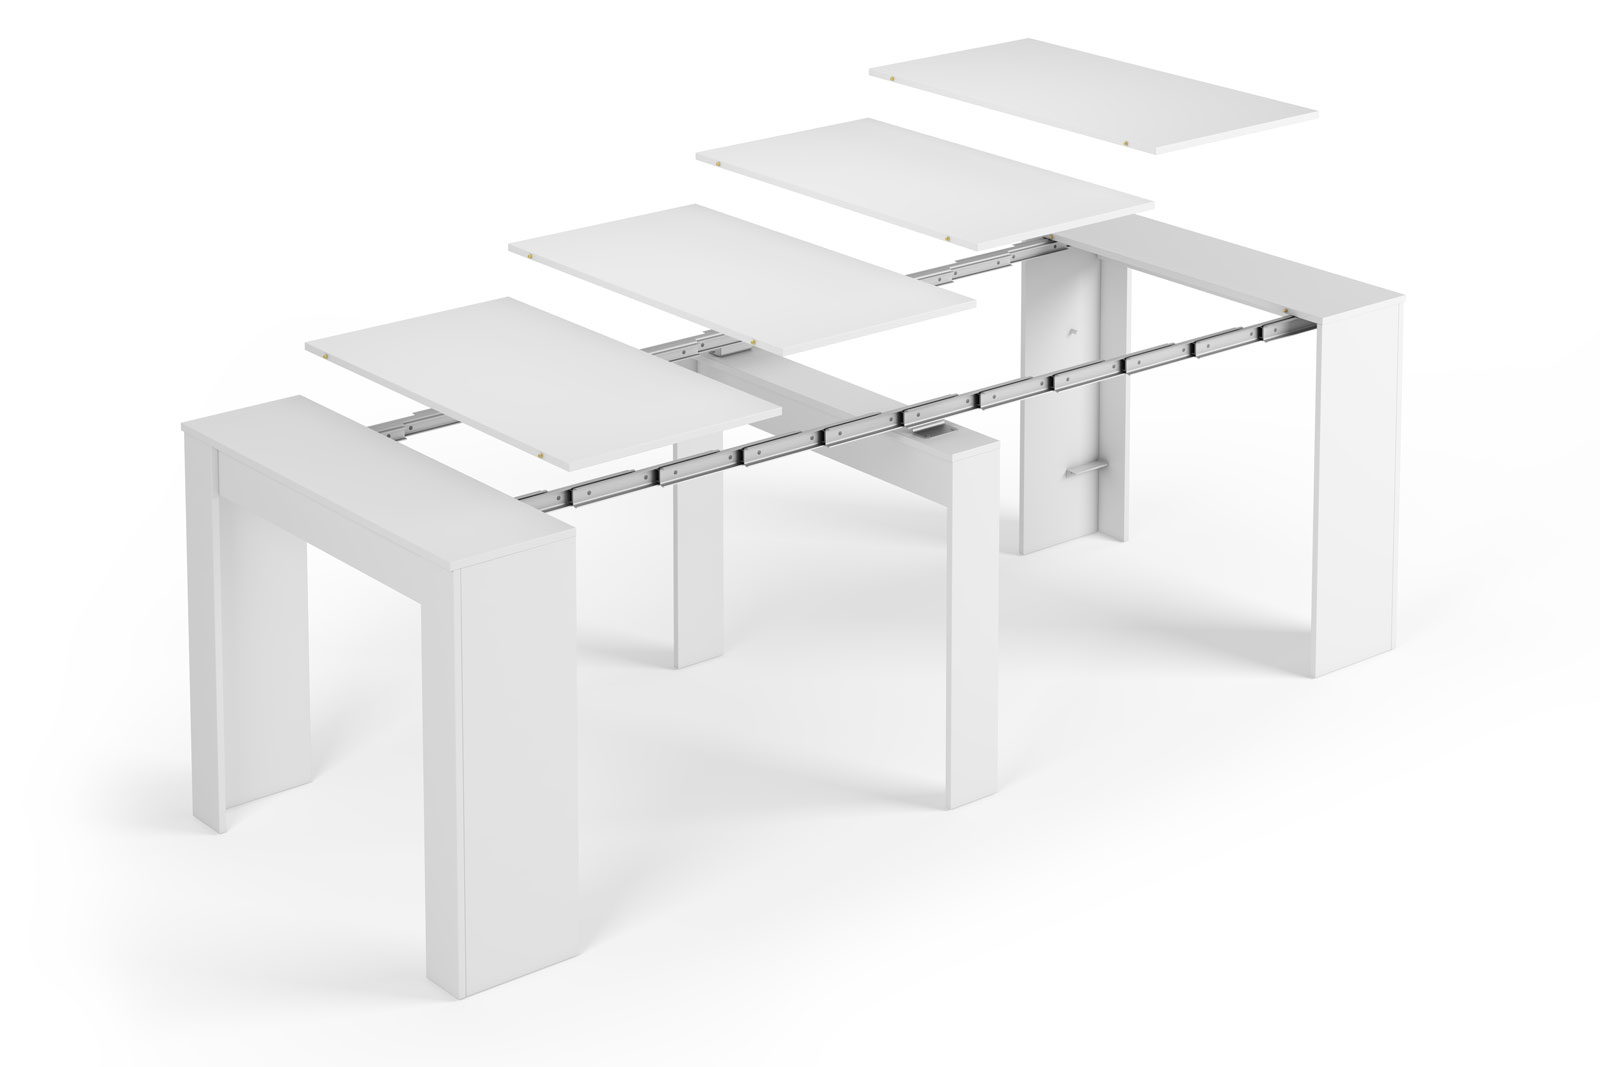 Mesa consola convertible en mesa de comedor